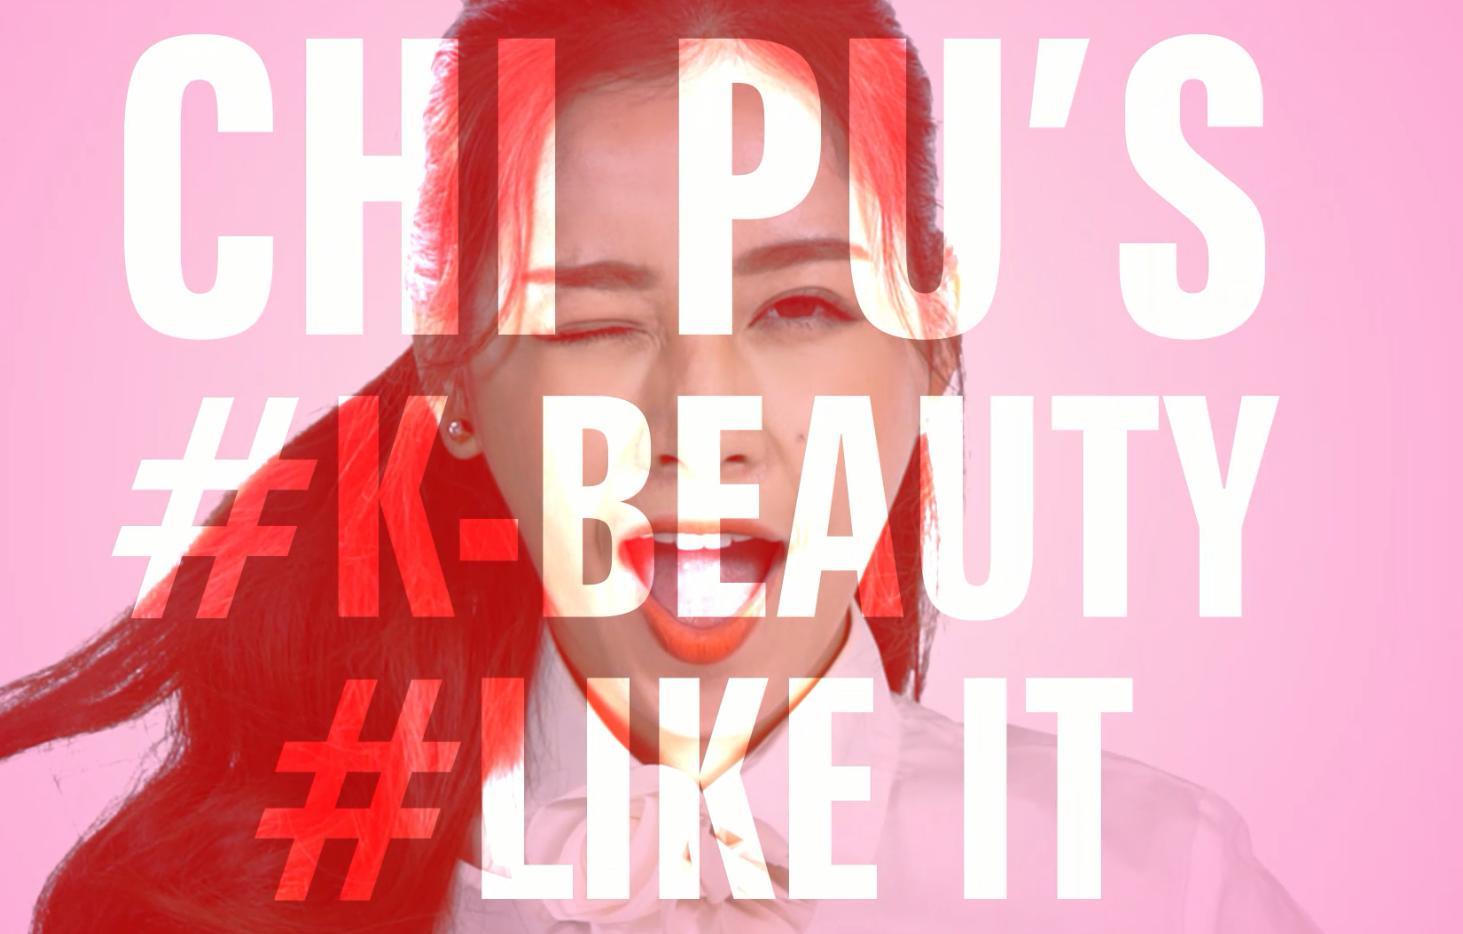 1. CHI PU IN SEOUL